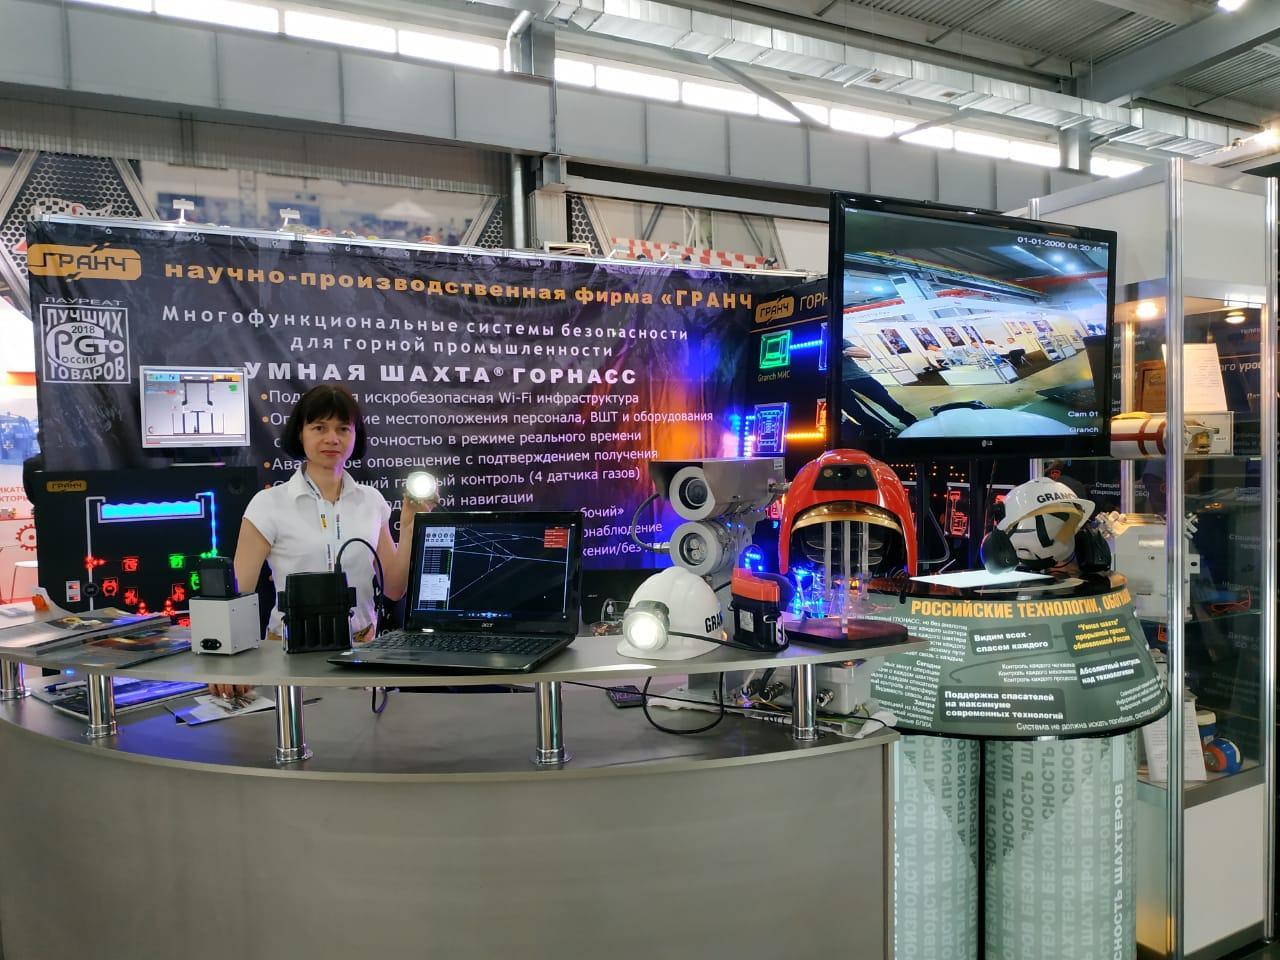 19.07.2019 В Новосибирске разработали средства WI-FI связи для угольных шахт